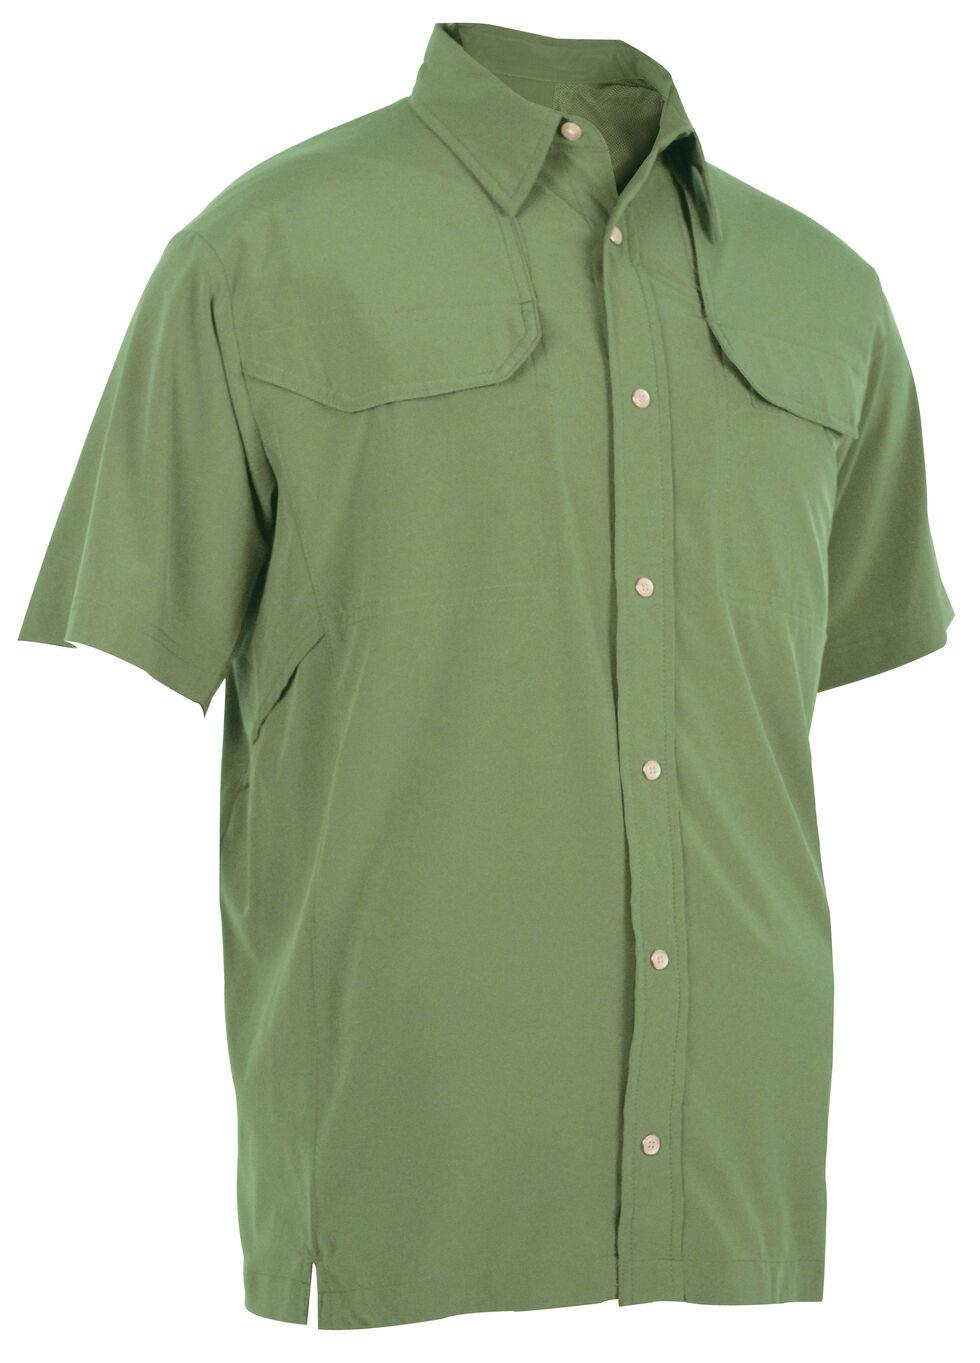 Tru-Spec Men's 24-7 Cool Camp Shirt, Olive, hi-res